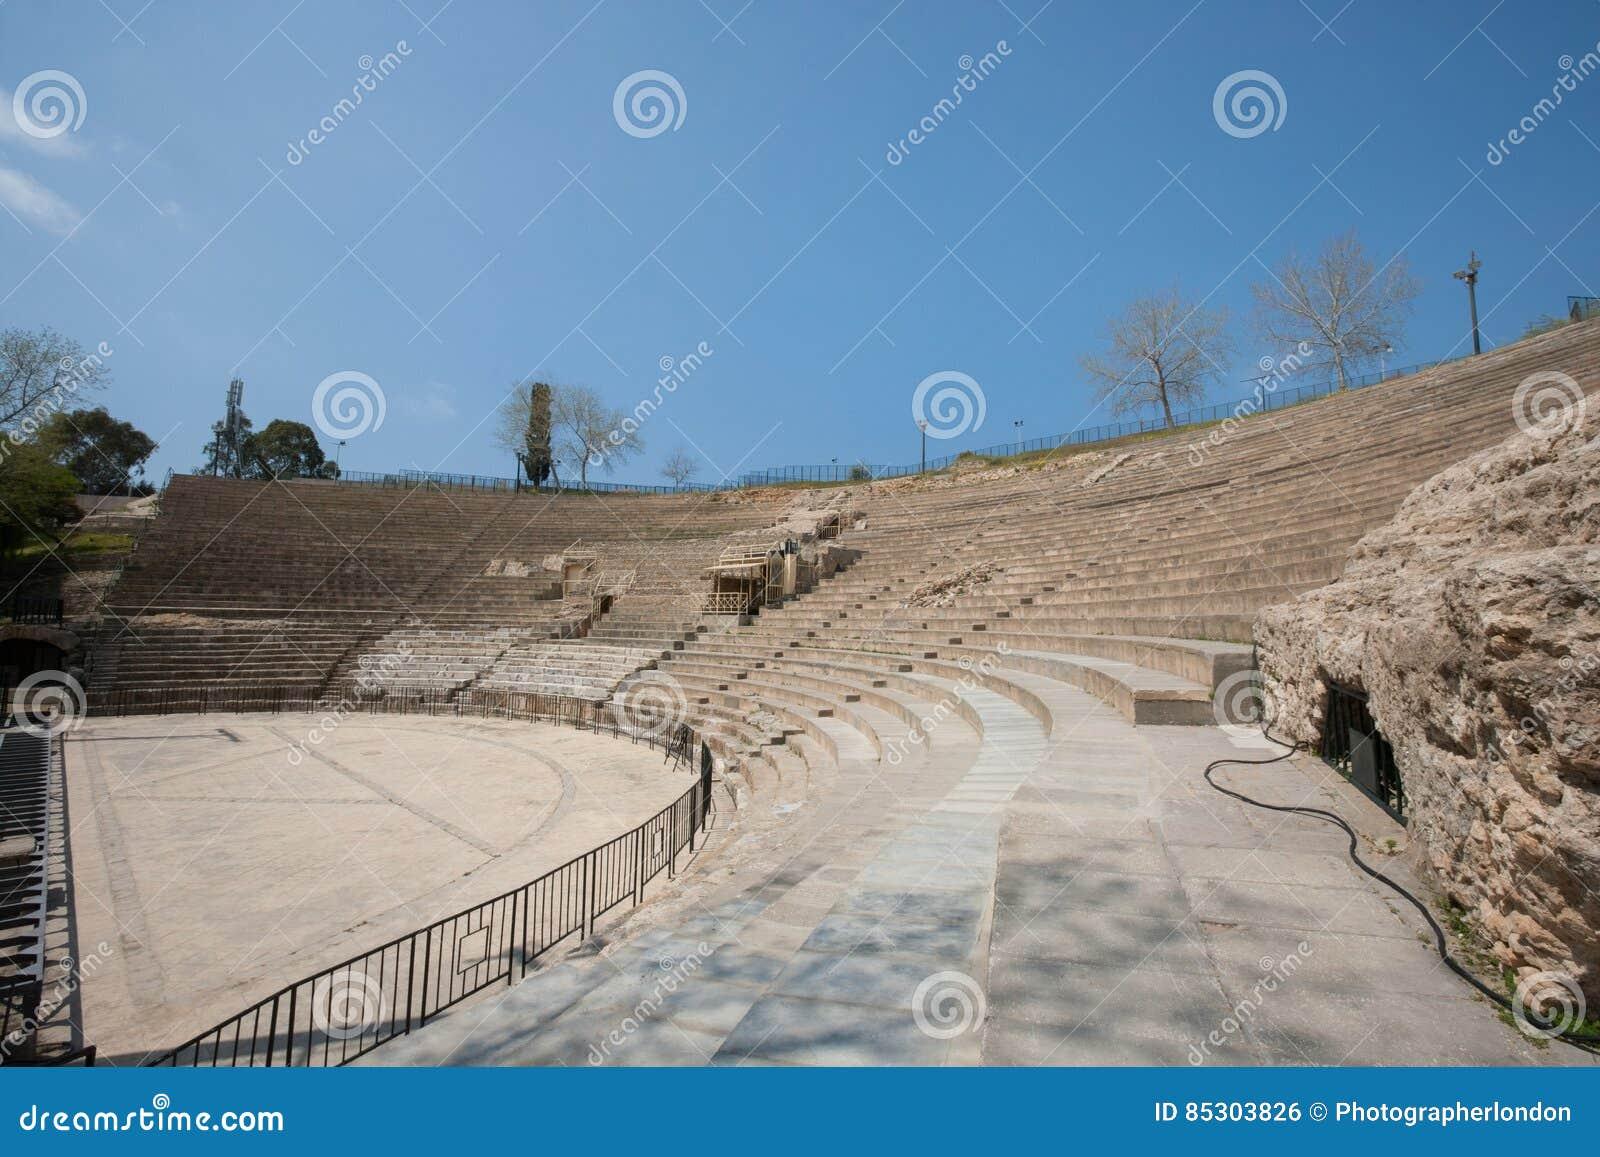 Anfiteatro romano contra o céu azul, Tunes, Tunísia